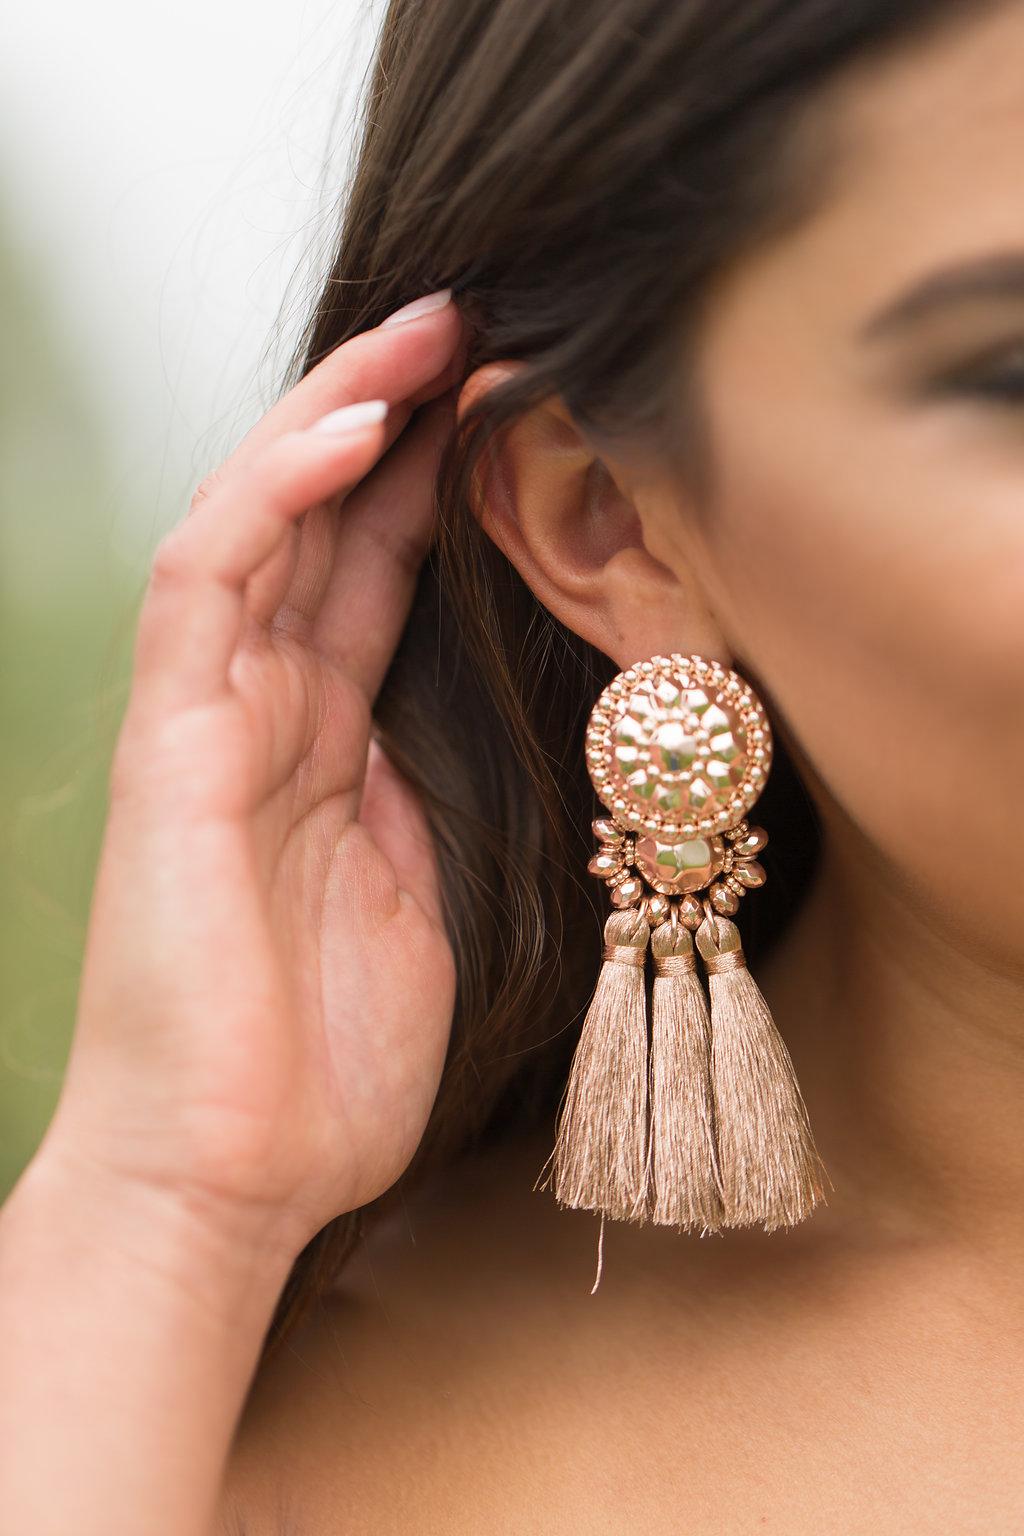 Lifestyle blogger Kelsey Kaplan of Kelsey Kaplan Fashion wearing long jean skirt and Gucci purse.